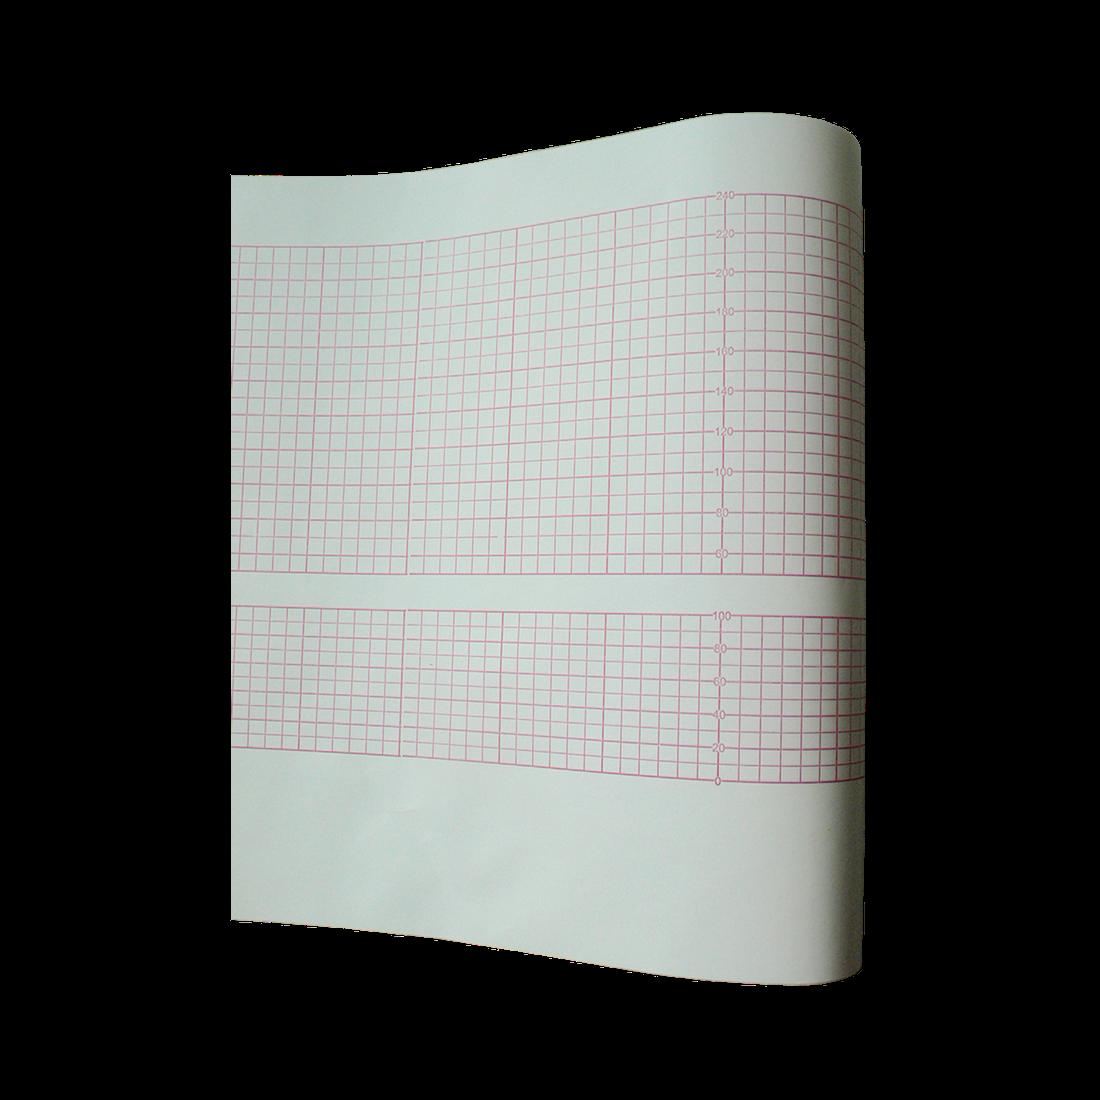 215х20х18, бумага КТГ для  FM BIONET FC 0700, реестр 4087/5